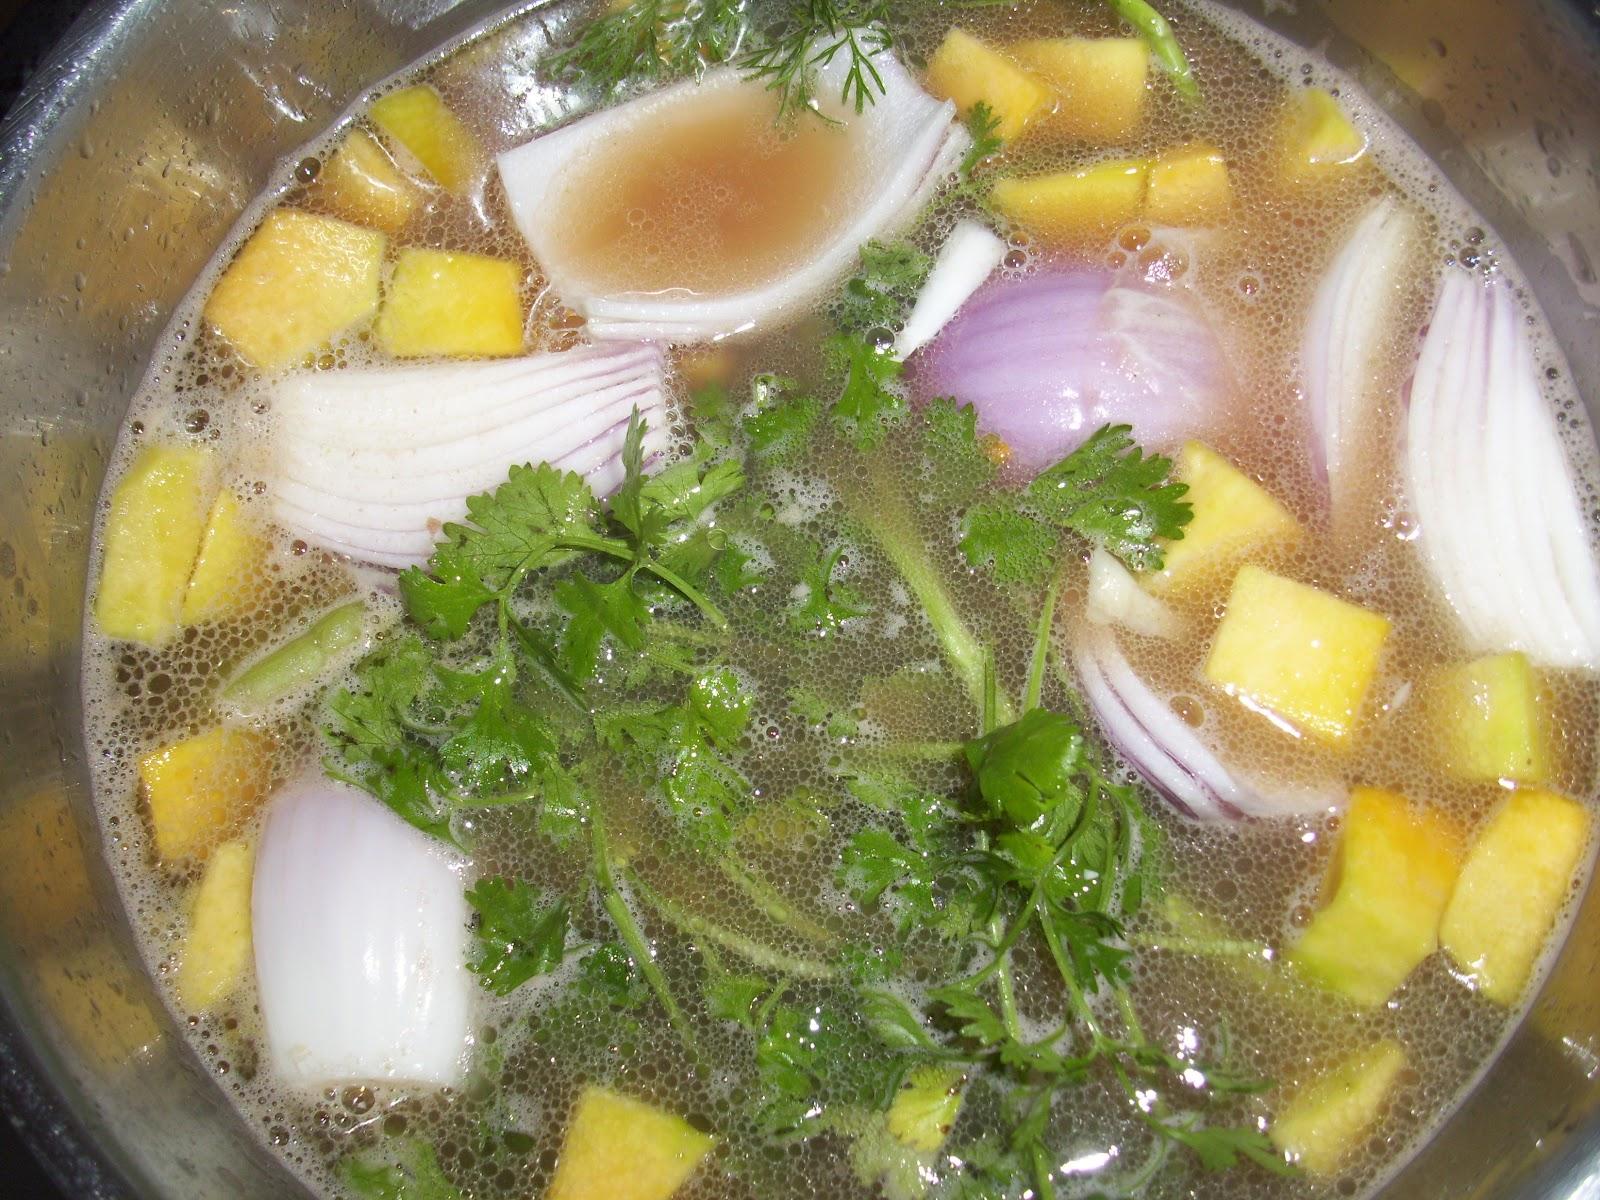 Cocina casera rep blica dominicana ingredientes para guisar unas habichuelas bien ricas - Como cocinar alubias rojas ...